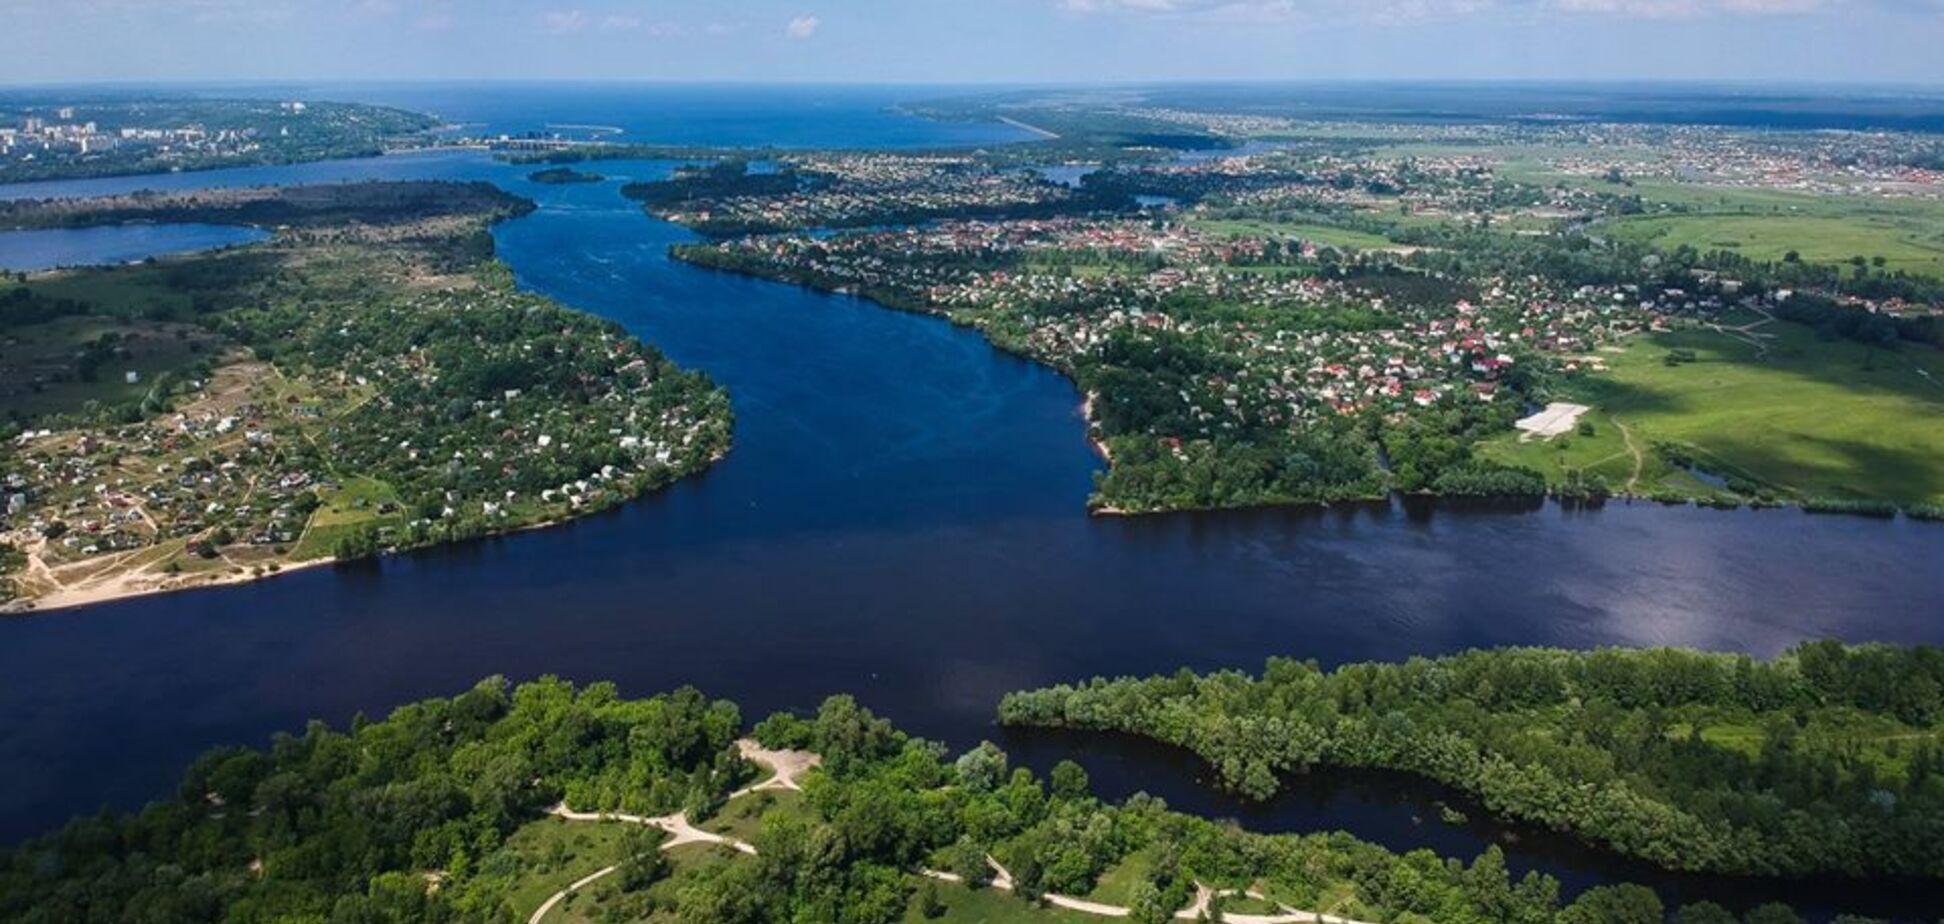 Зеленый остров в центре Киева: невероятные фото с высоты птичьего полета